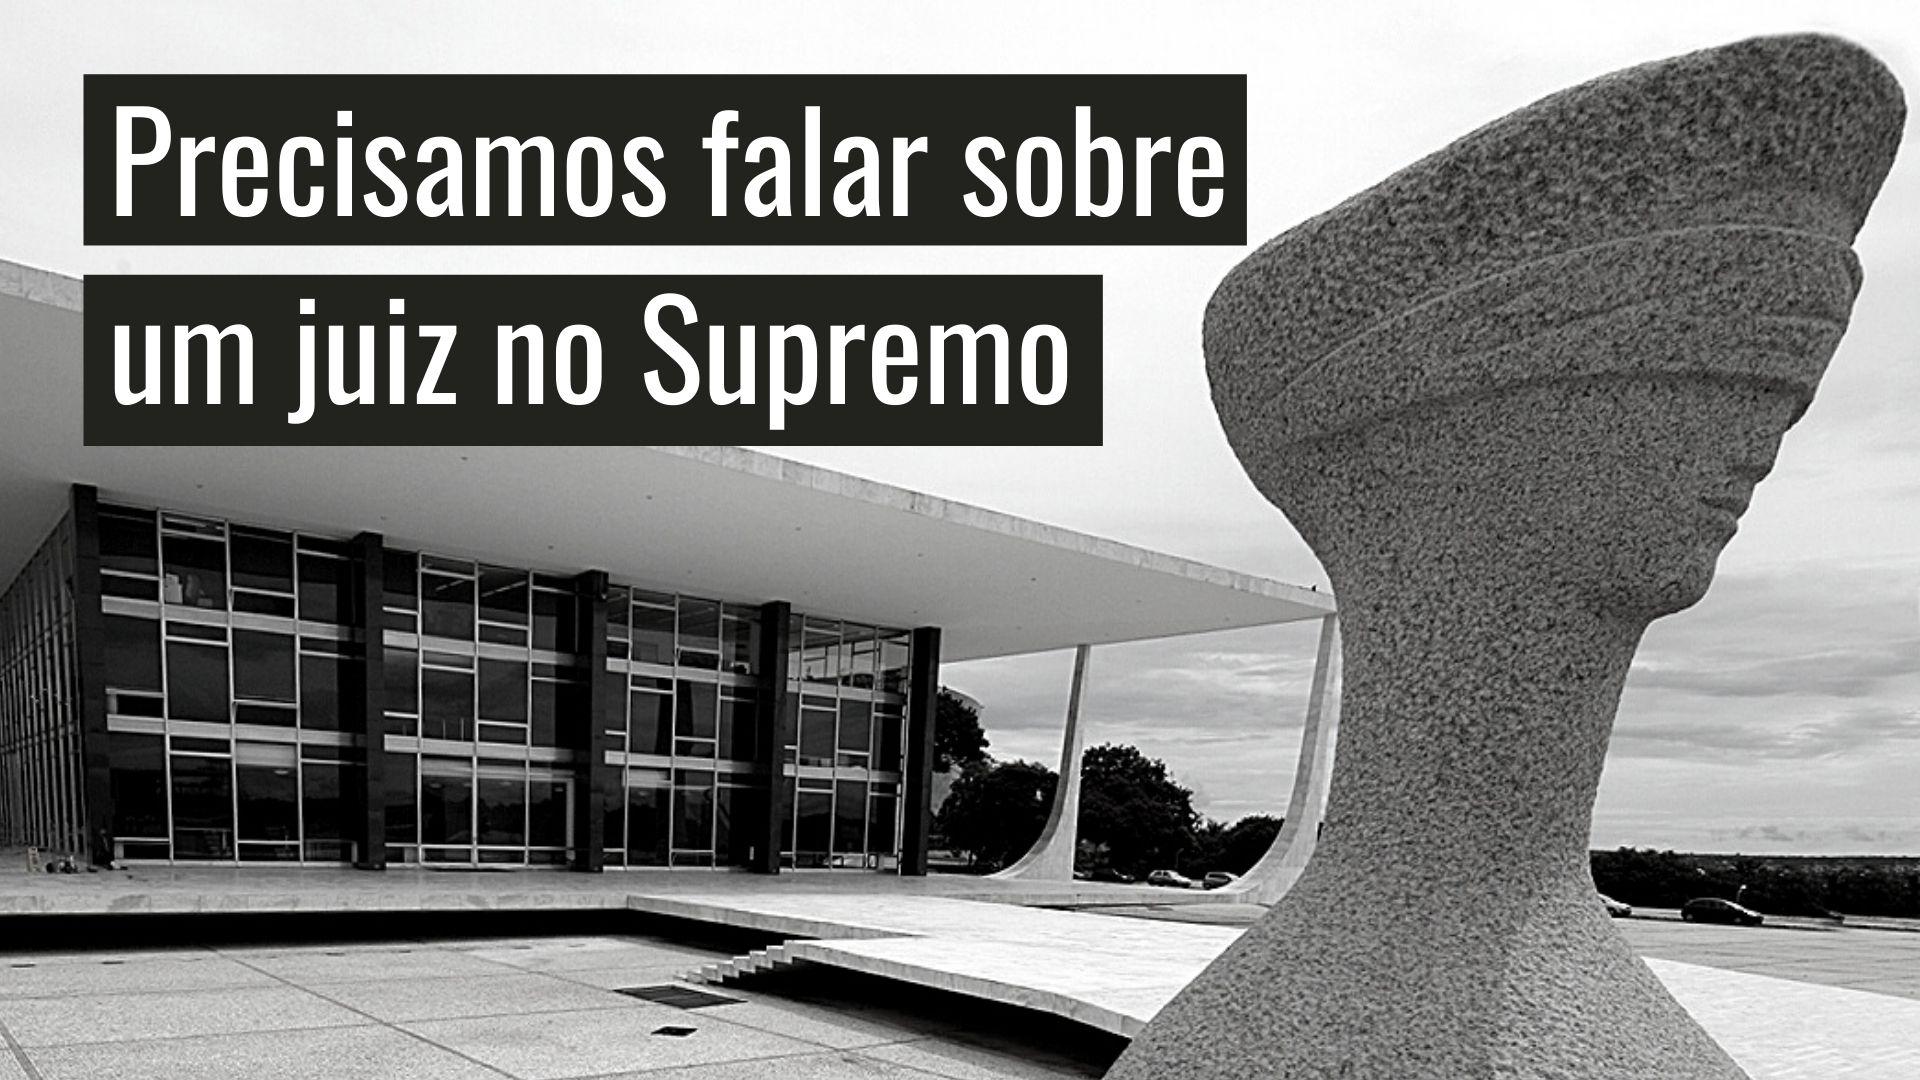 OPINIÃO - Artigo de autoria do magistrado Eduardo Perez Oliveira, juiz de Direito em Goiás